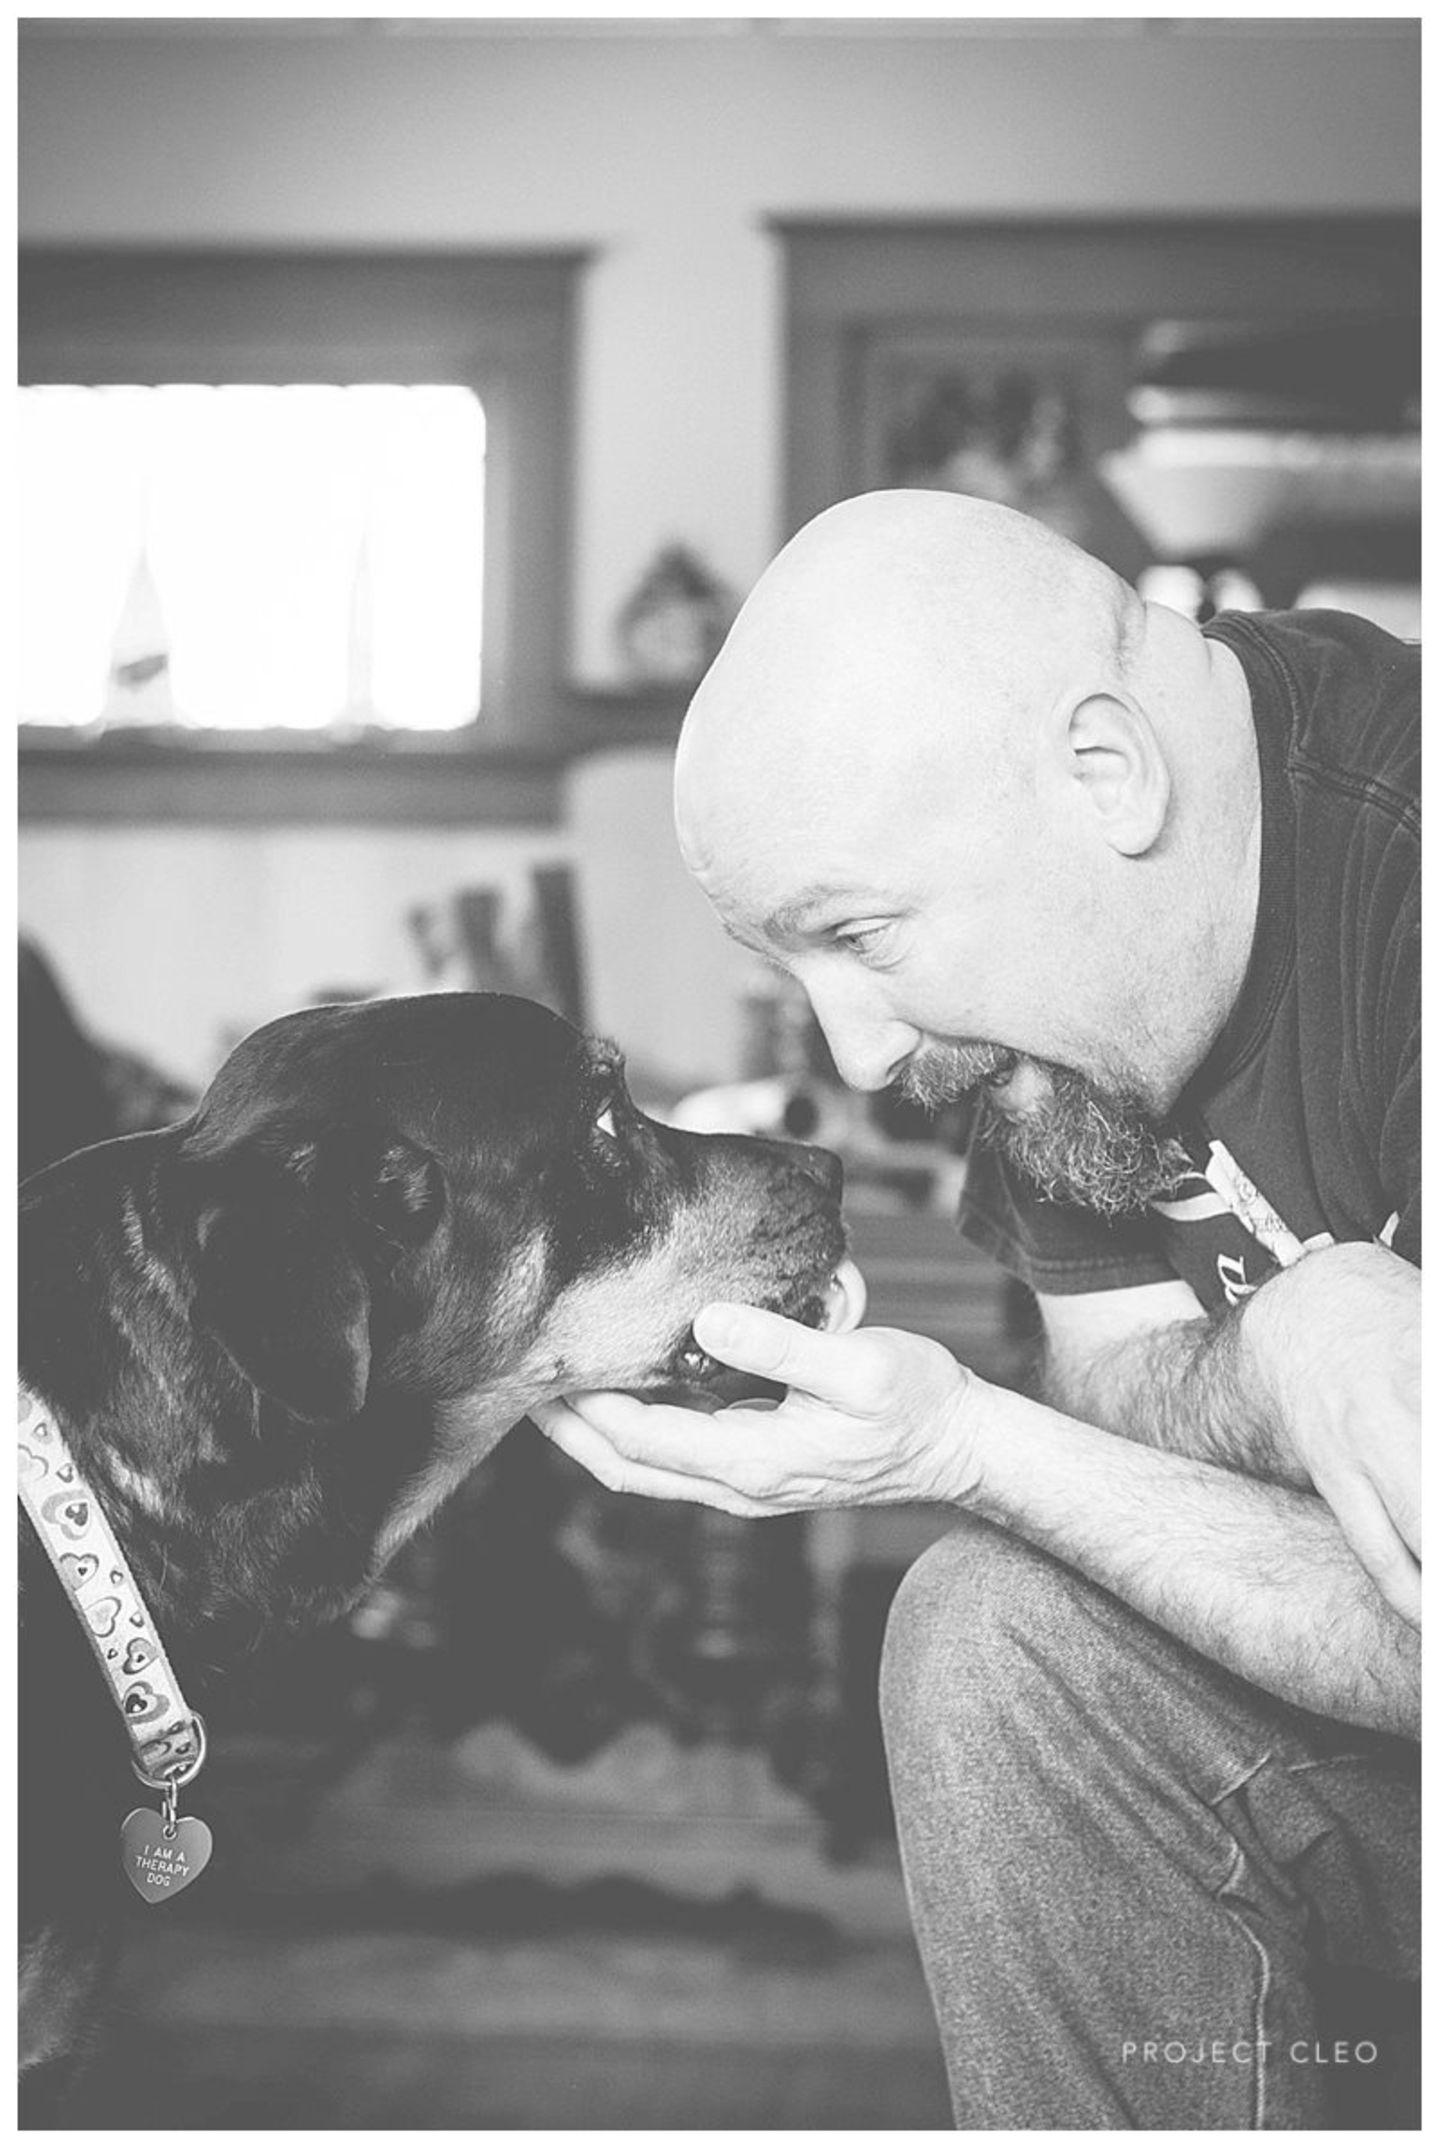 """Doch mittlerweile sieht sie vor allem, welchen Dienst sie anderen Menschen und ihren Tieren erweist: """"Je mehr Fotosessions ich mache, und je mehr Freude und Liebe ich mit den Bliss Sessions verbreite, desto mehr heilt mein Herz."""""""